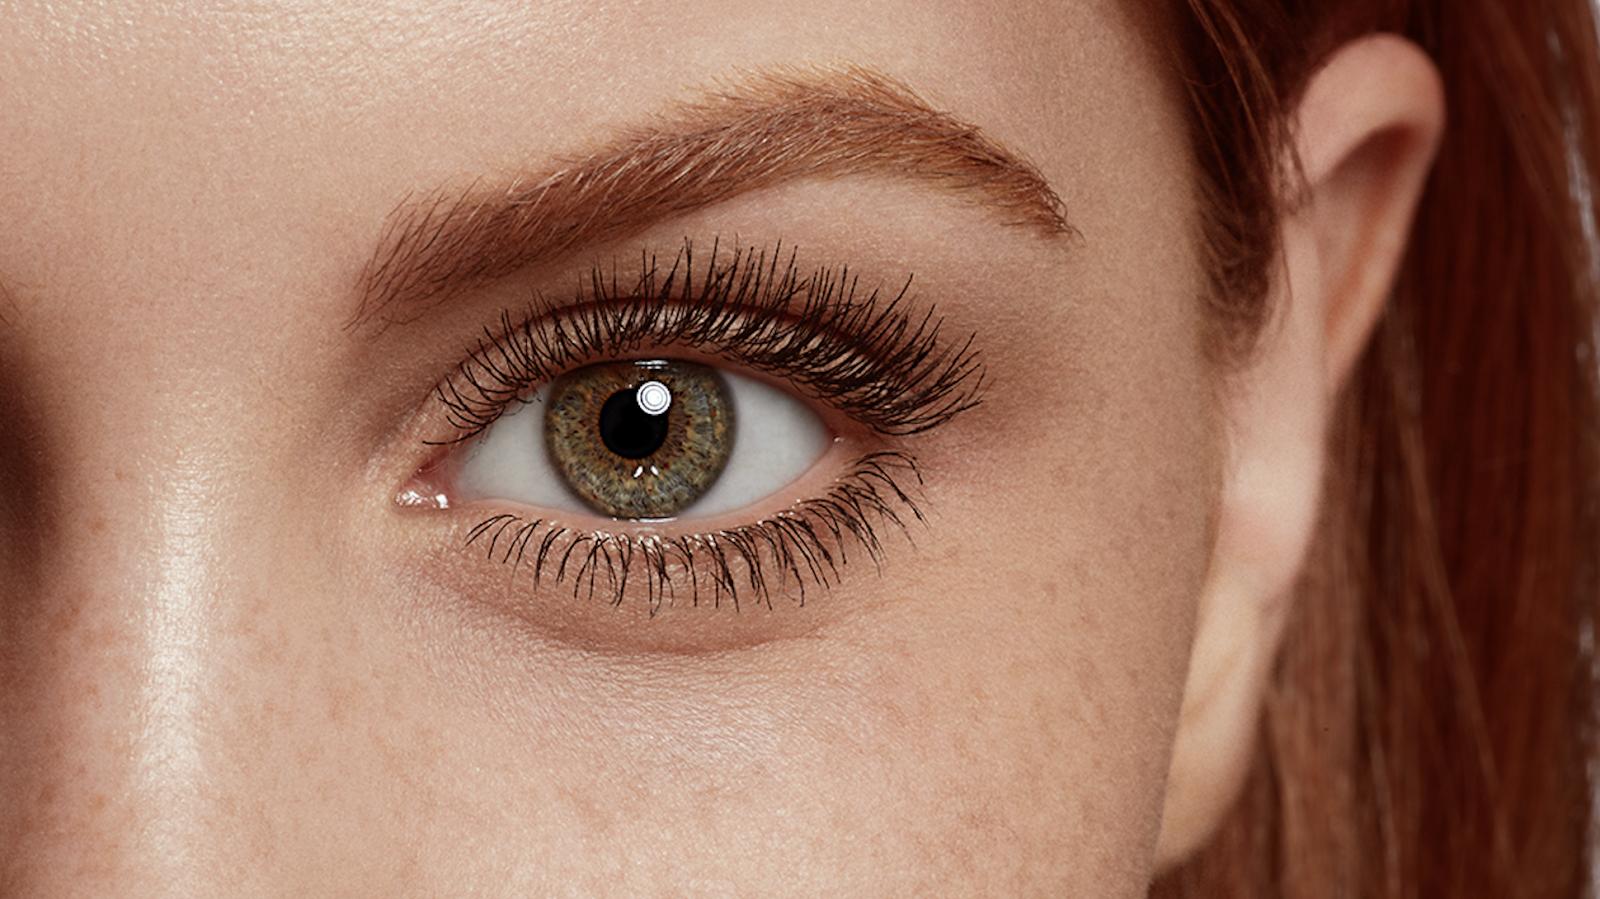 Photo of a woman's eye